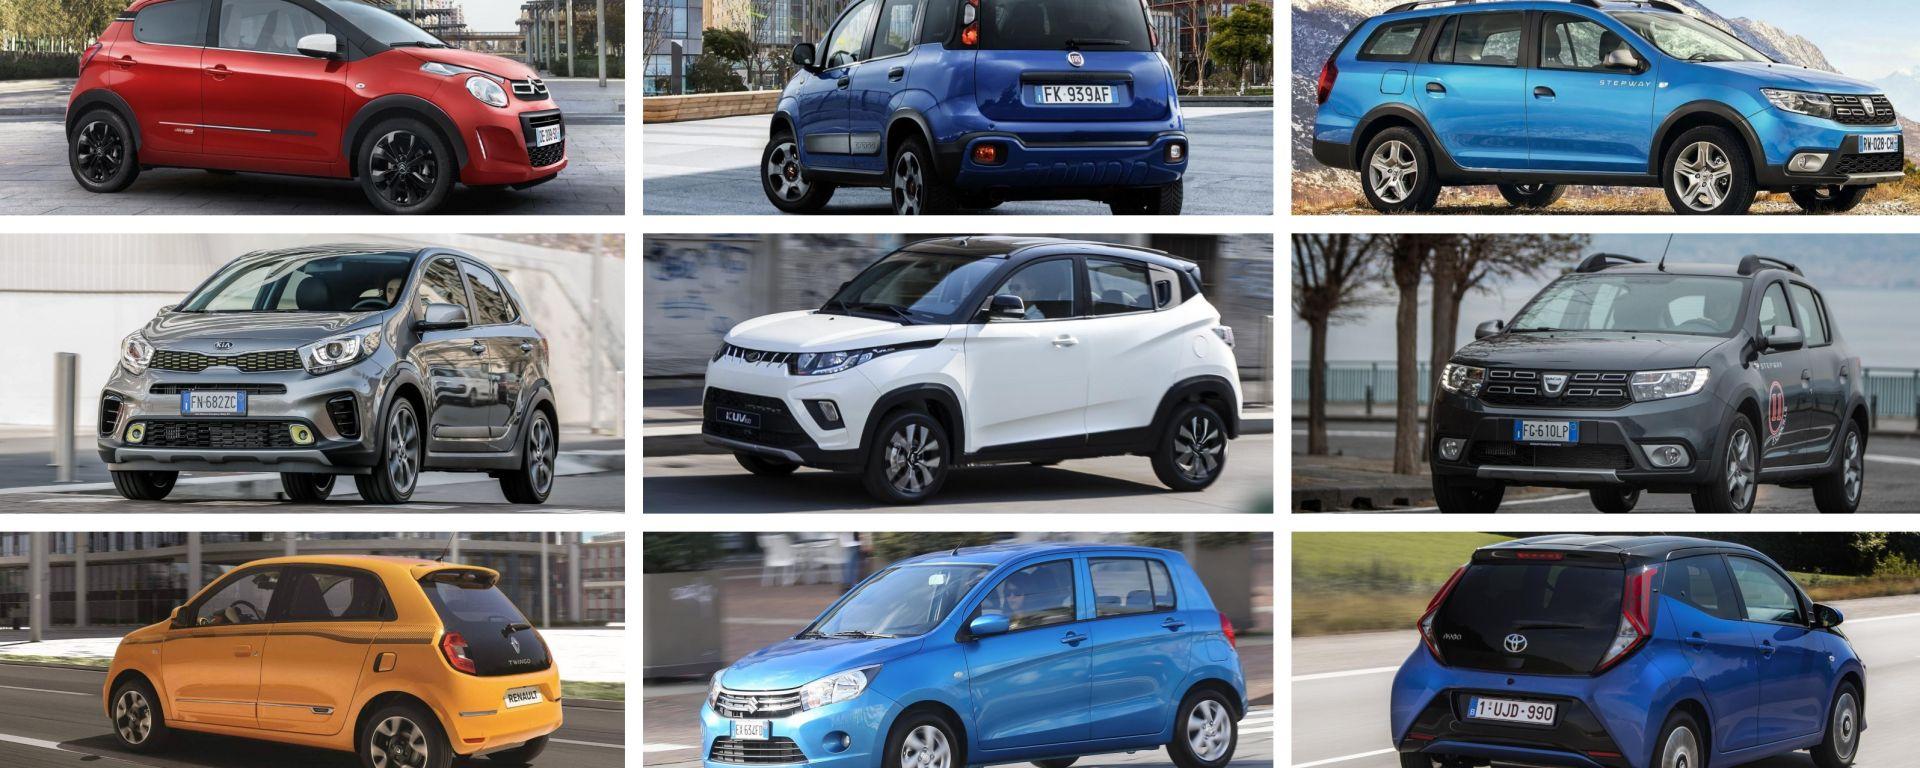 Auto economiche, come spendere meno di 12.000 euro